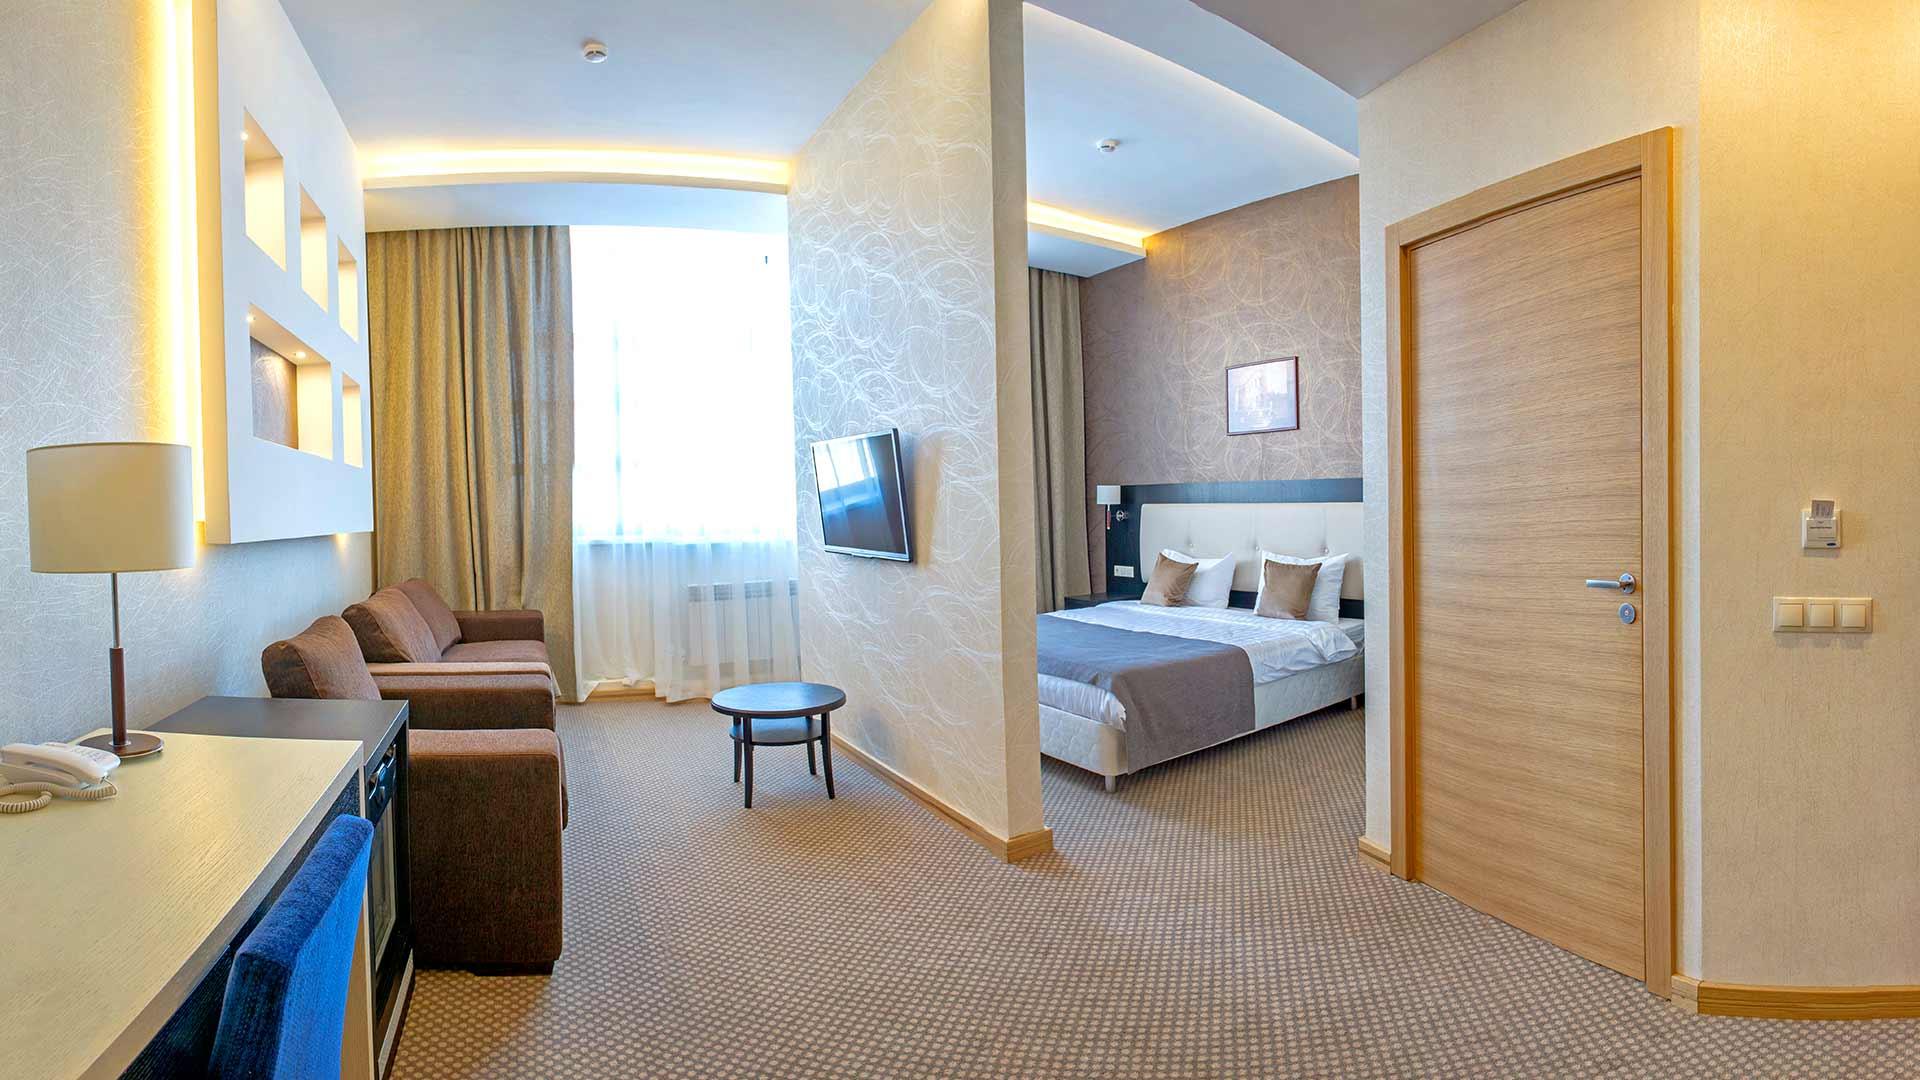 rooms-dlx-01